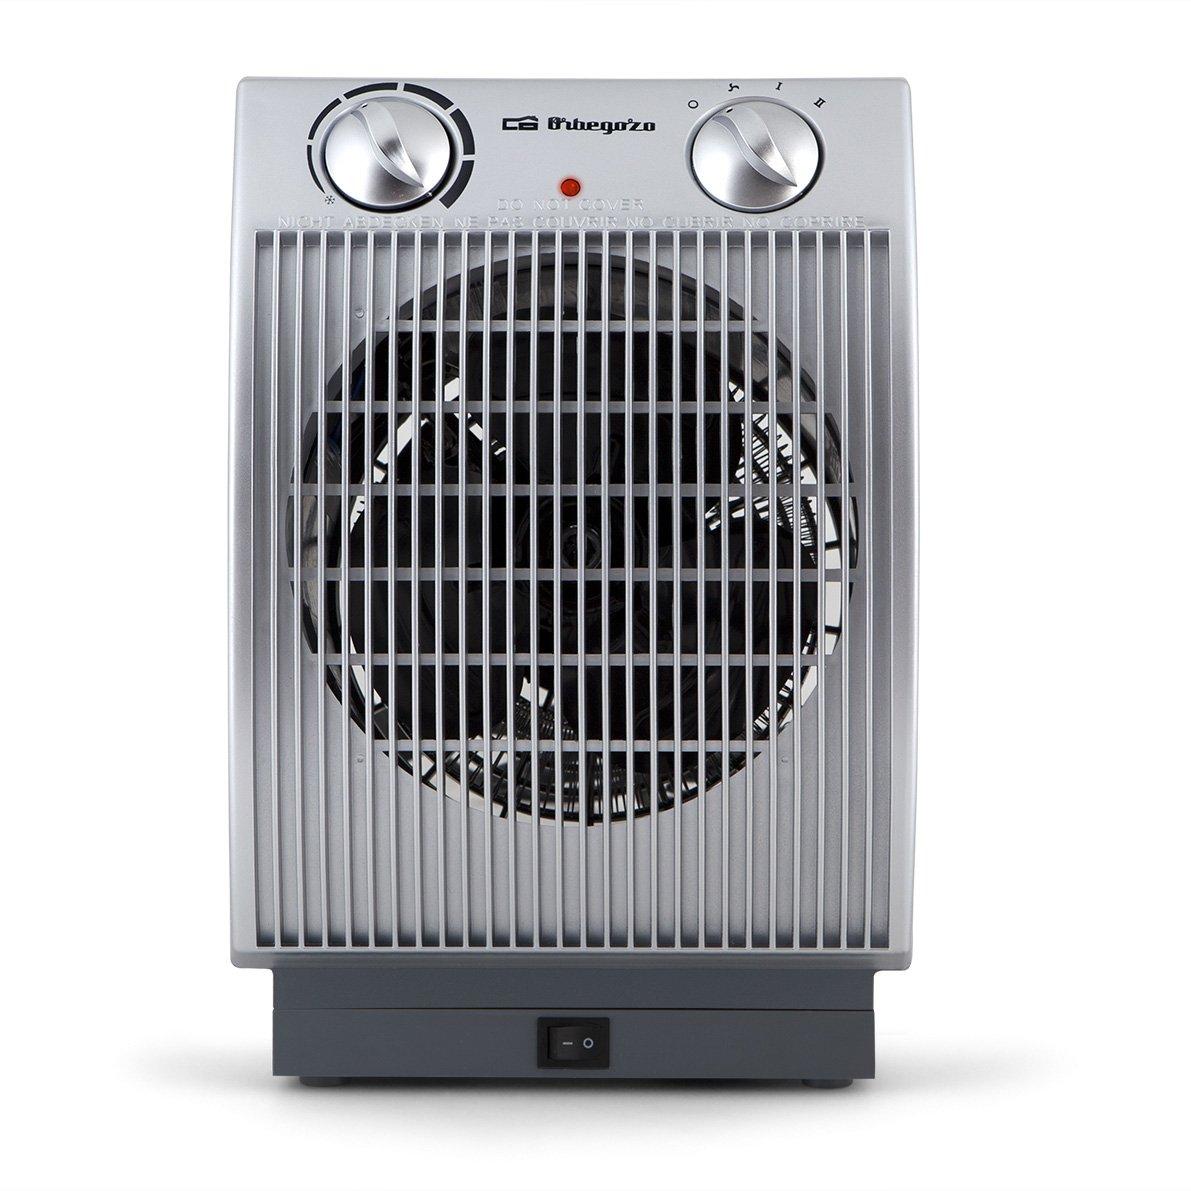 Orbegozo FH 6035 - Calefactor eléctrico con movimiento oscilante, 2200 W de potencia, 2 niveles de funcionamiento, modo ventilador: Amazon.es: Hogar